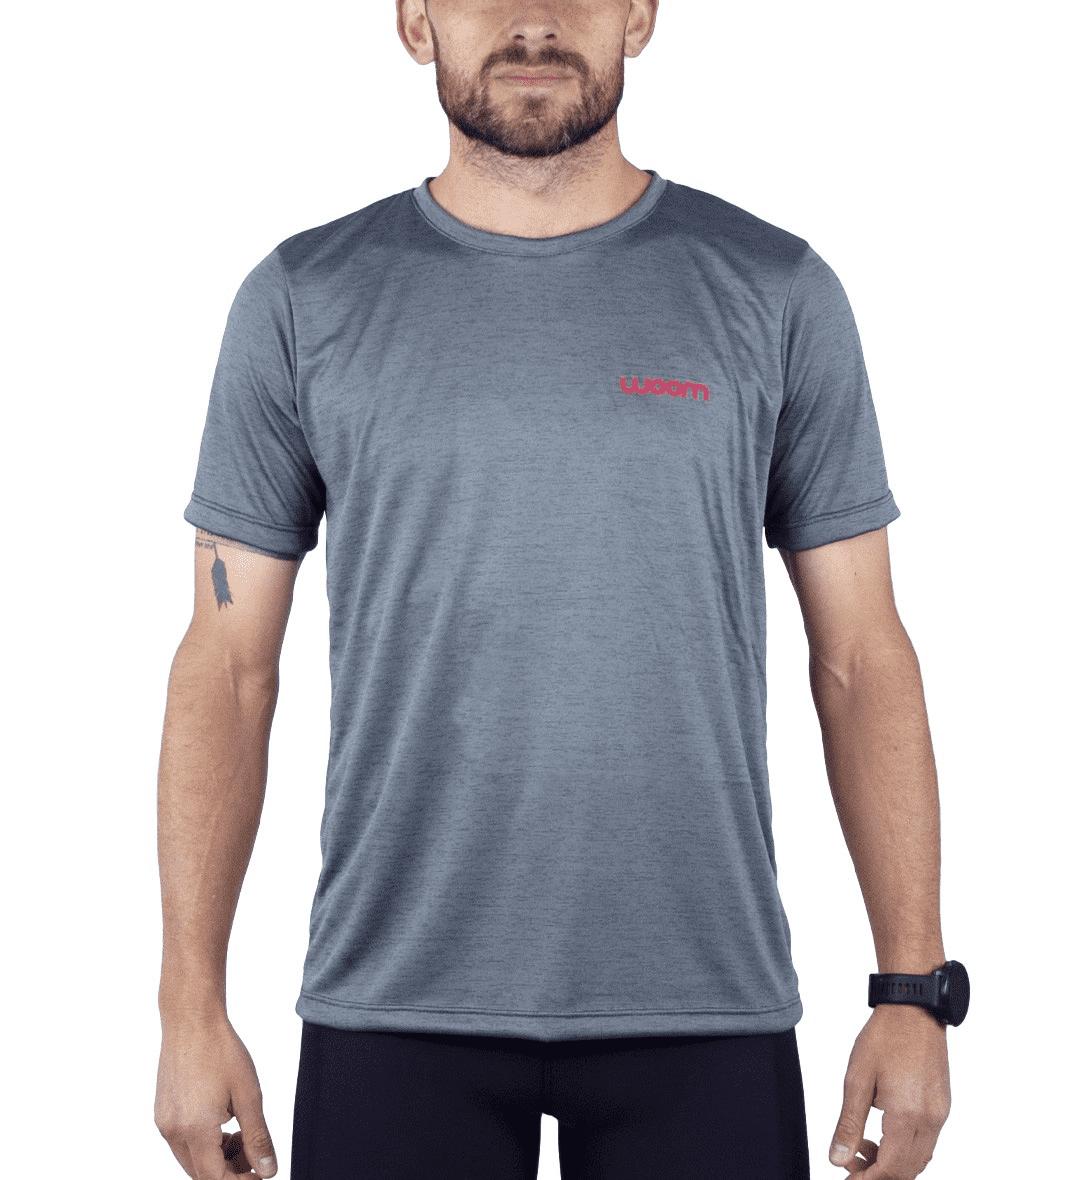 Camiseta Running Ever Faster Hermes Masc 2021